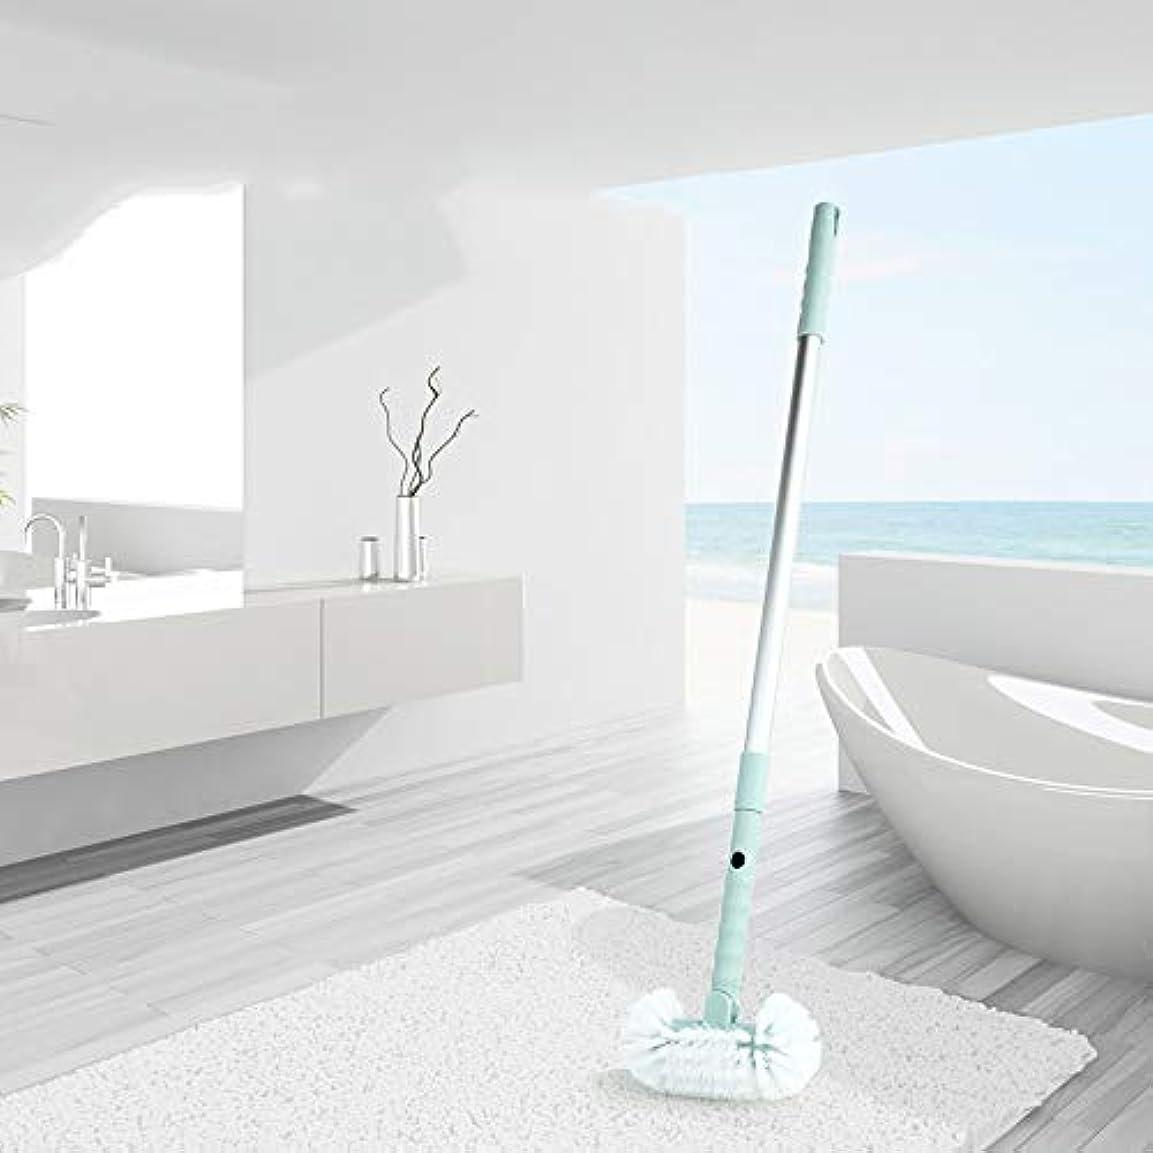 シュリンク嫌なフィルタポアクリーニング ホームバスルーム引き戻し可能なハードブラシトイレ浴室バスタブフロアクリーニングブラシ マッサージブラシ